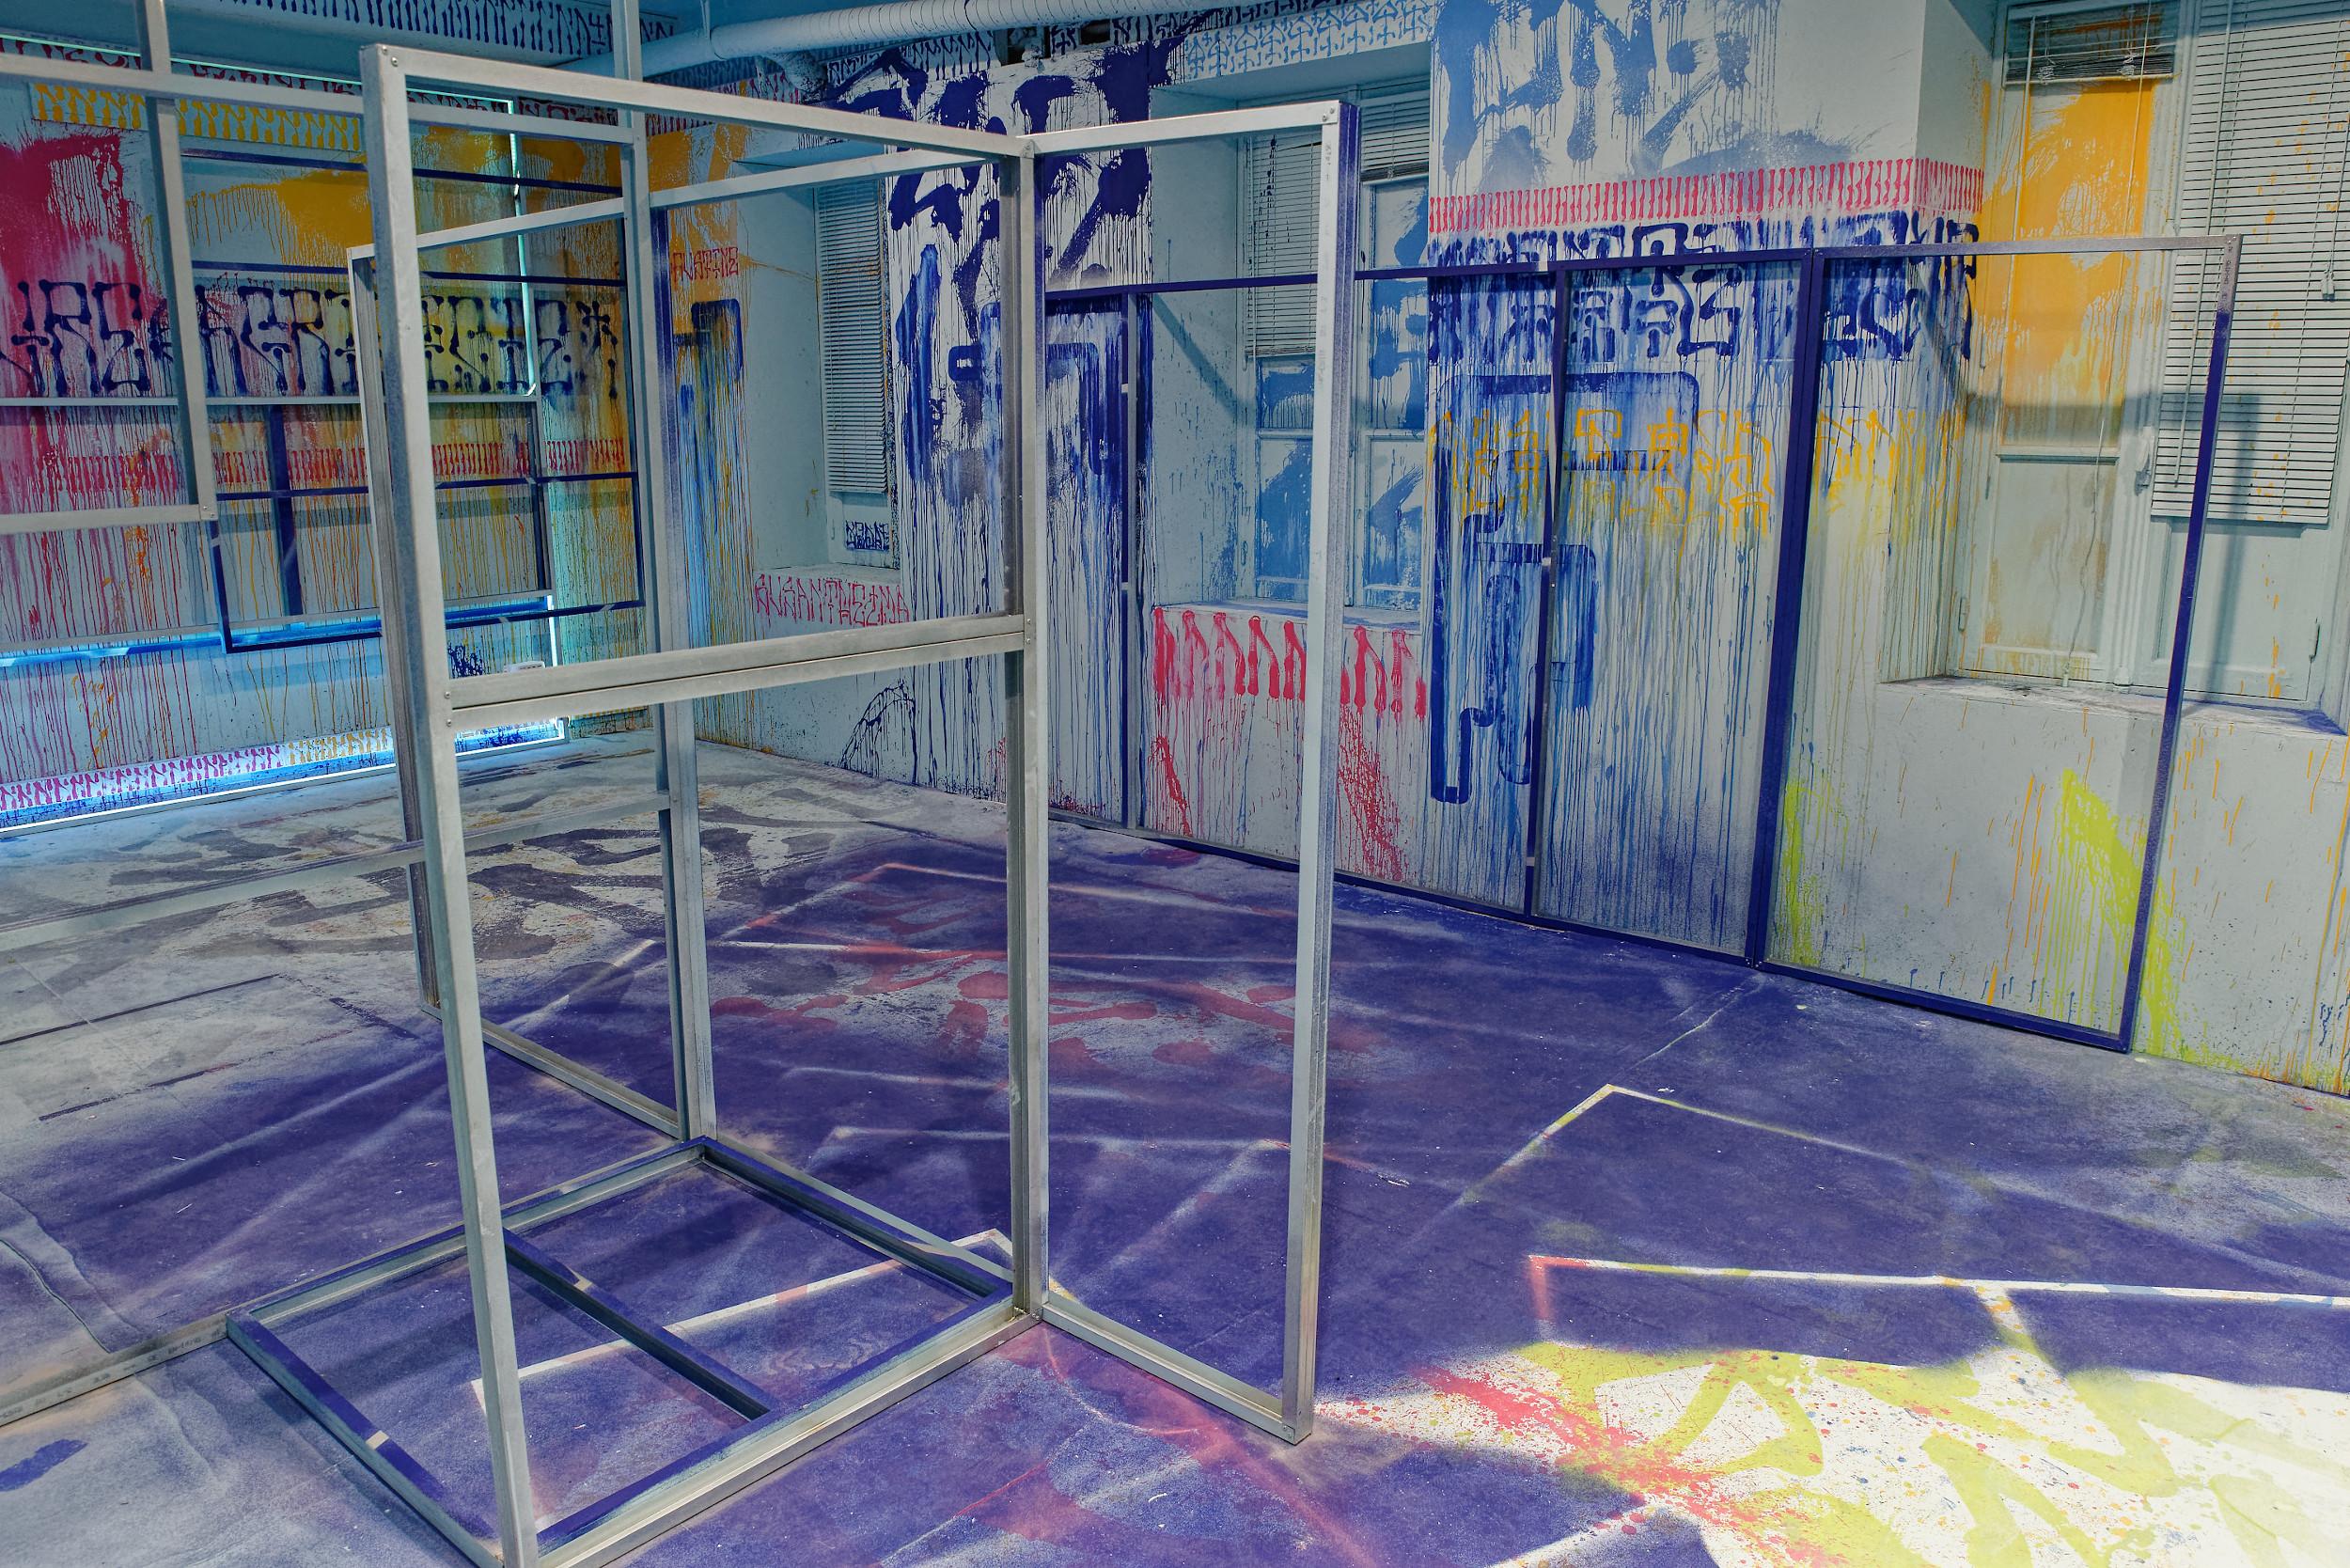 DéDalE (Vannes) - rez-de-chaussée (rdc) - saison 2 (2020) - Street artist : Lek & Sowat